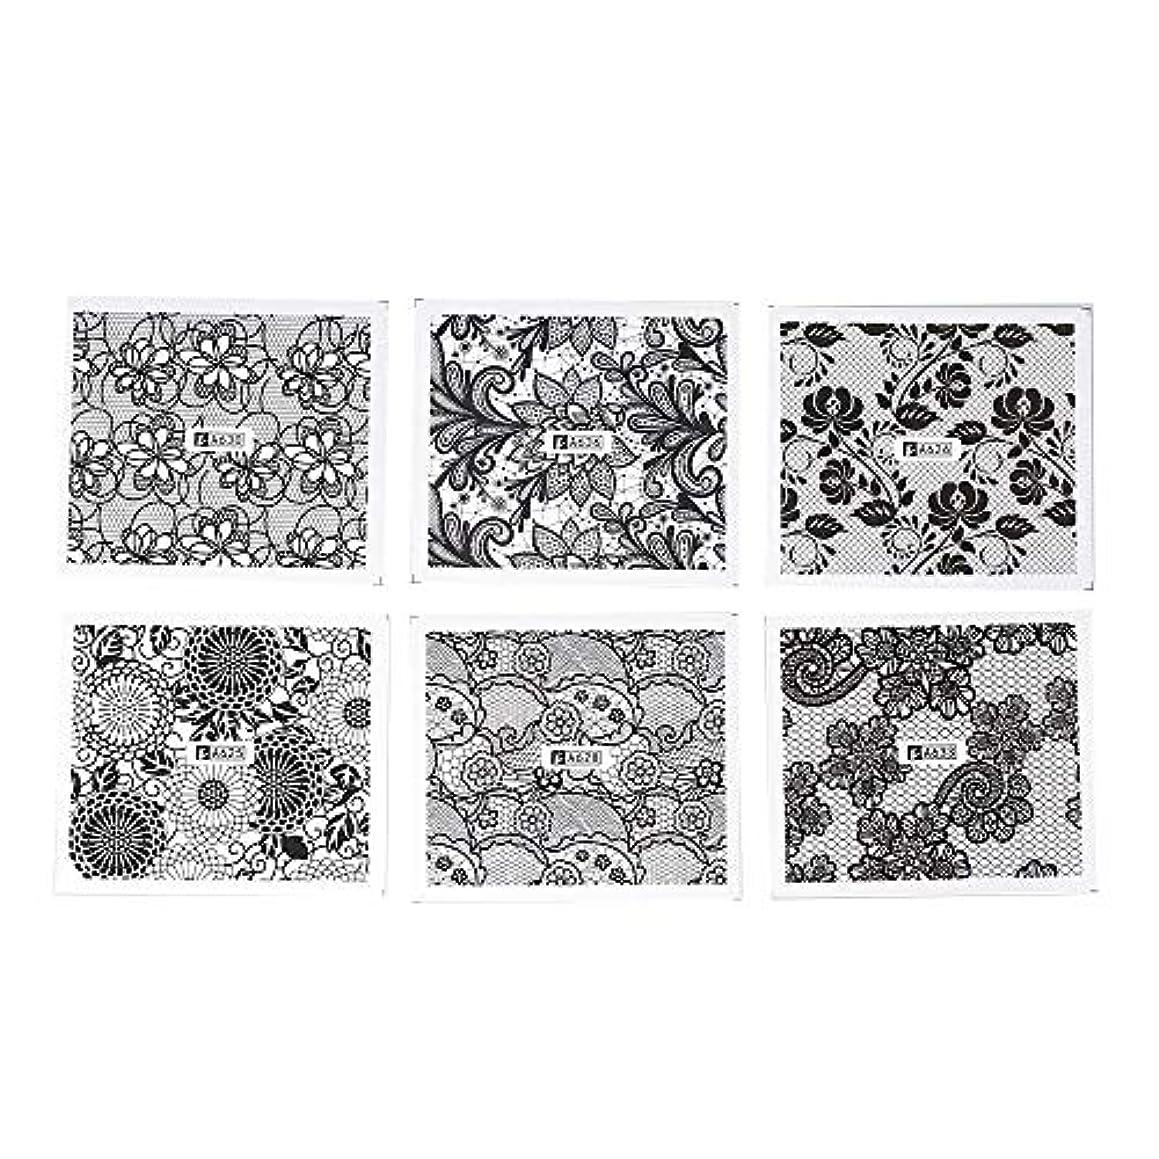 安らぎ不毛ポルティコネイルデコパーツ ホワイト レース ブラック ネイルホイル ネイル転印シール 混合 花柄 ネイルシール ネイルステッカー ネイルデコ ネイルアート DIY 装飾ツール 24枚セット ネイル デコ用